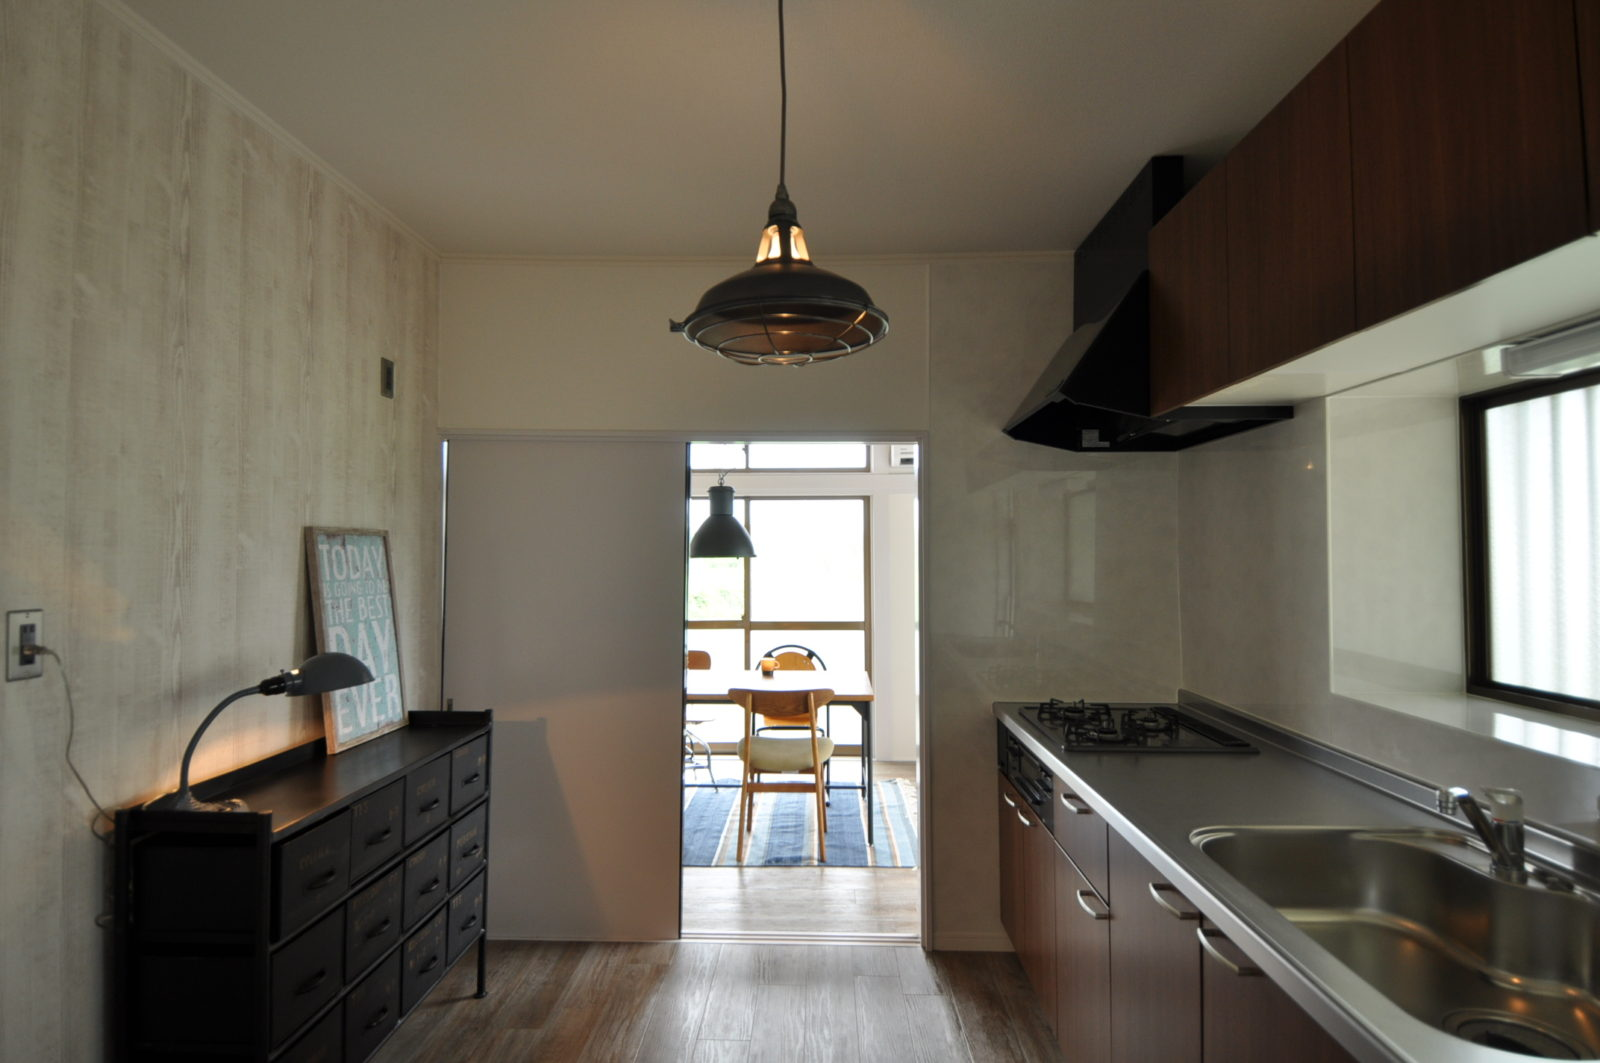 【キッチンⅡ】天井、壁のクロスを張替え、床はビンテージなフロアタイル